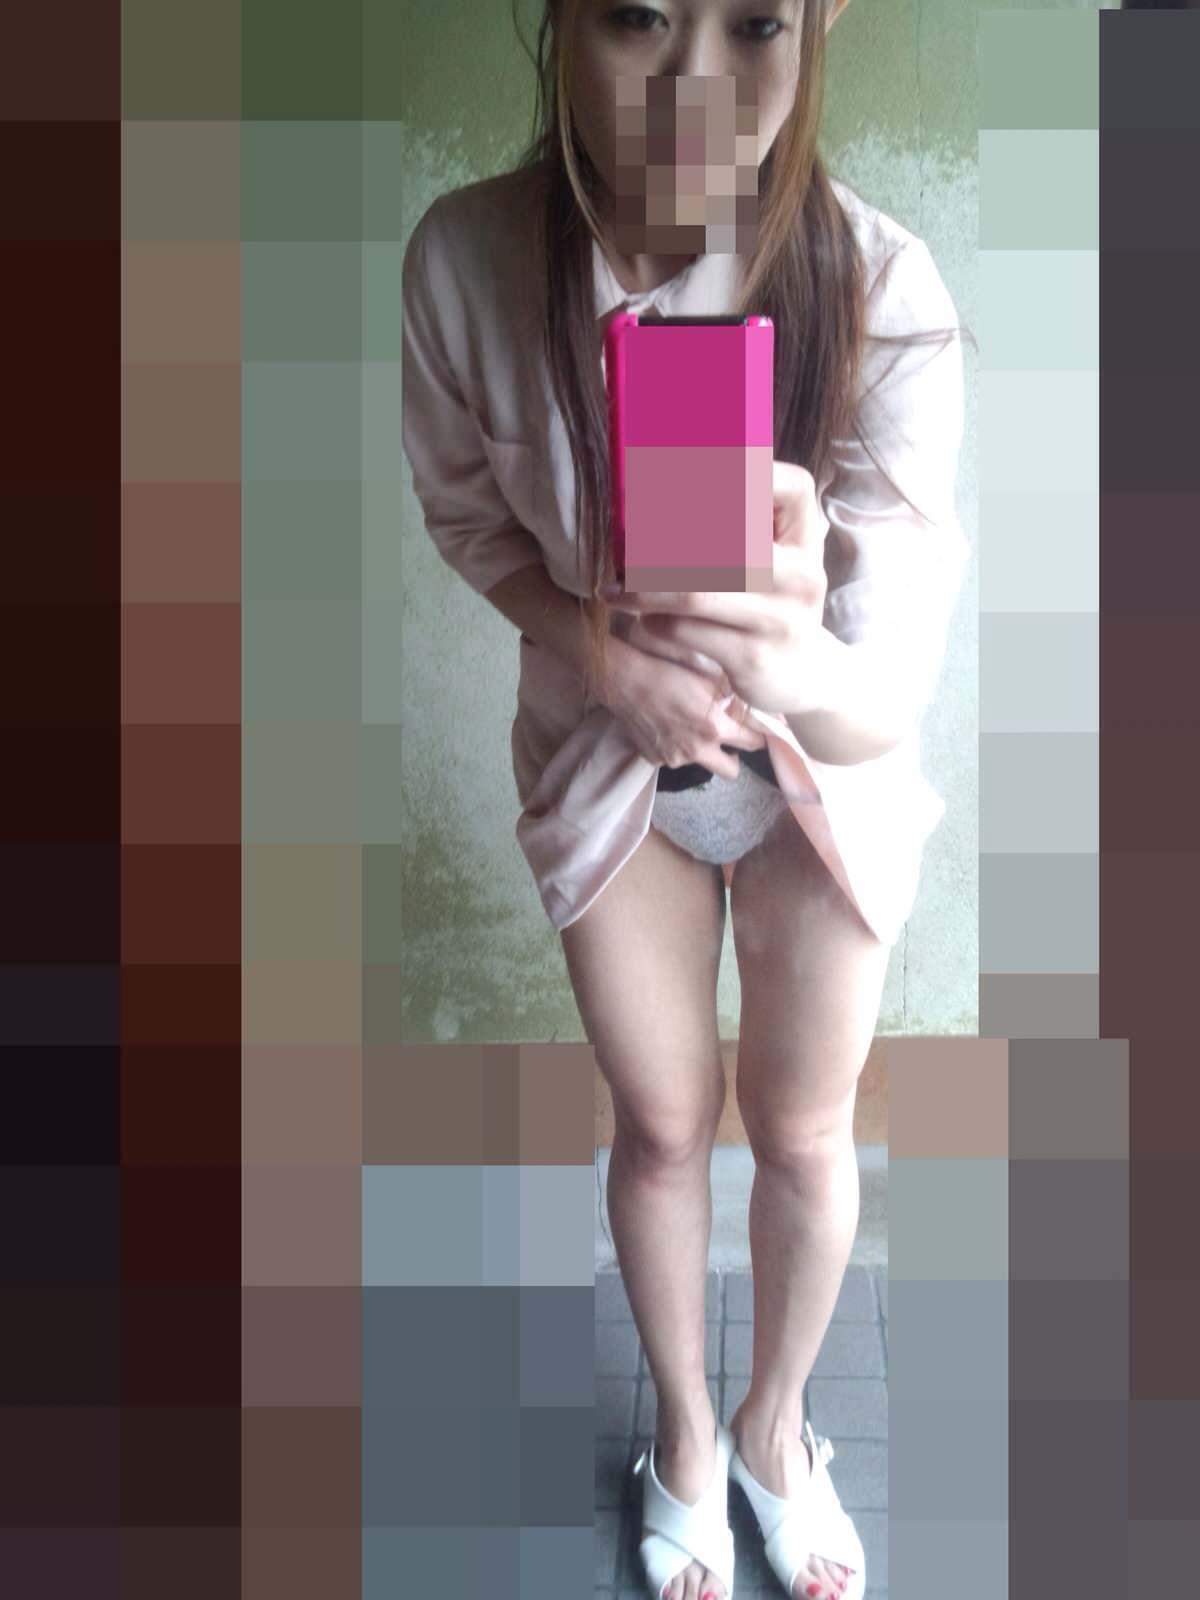 ガチ現役ナースの彼女を強制ハメ撮りしたヤバい画像がネットに流出wwwww 2103 1